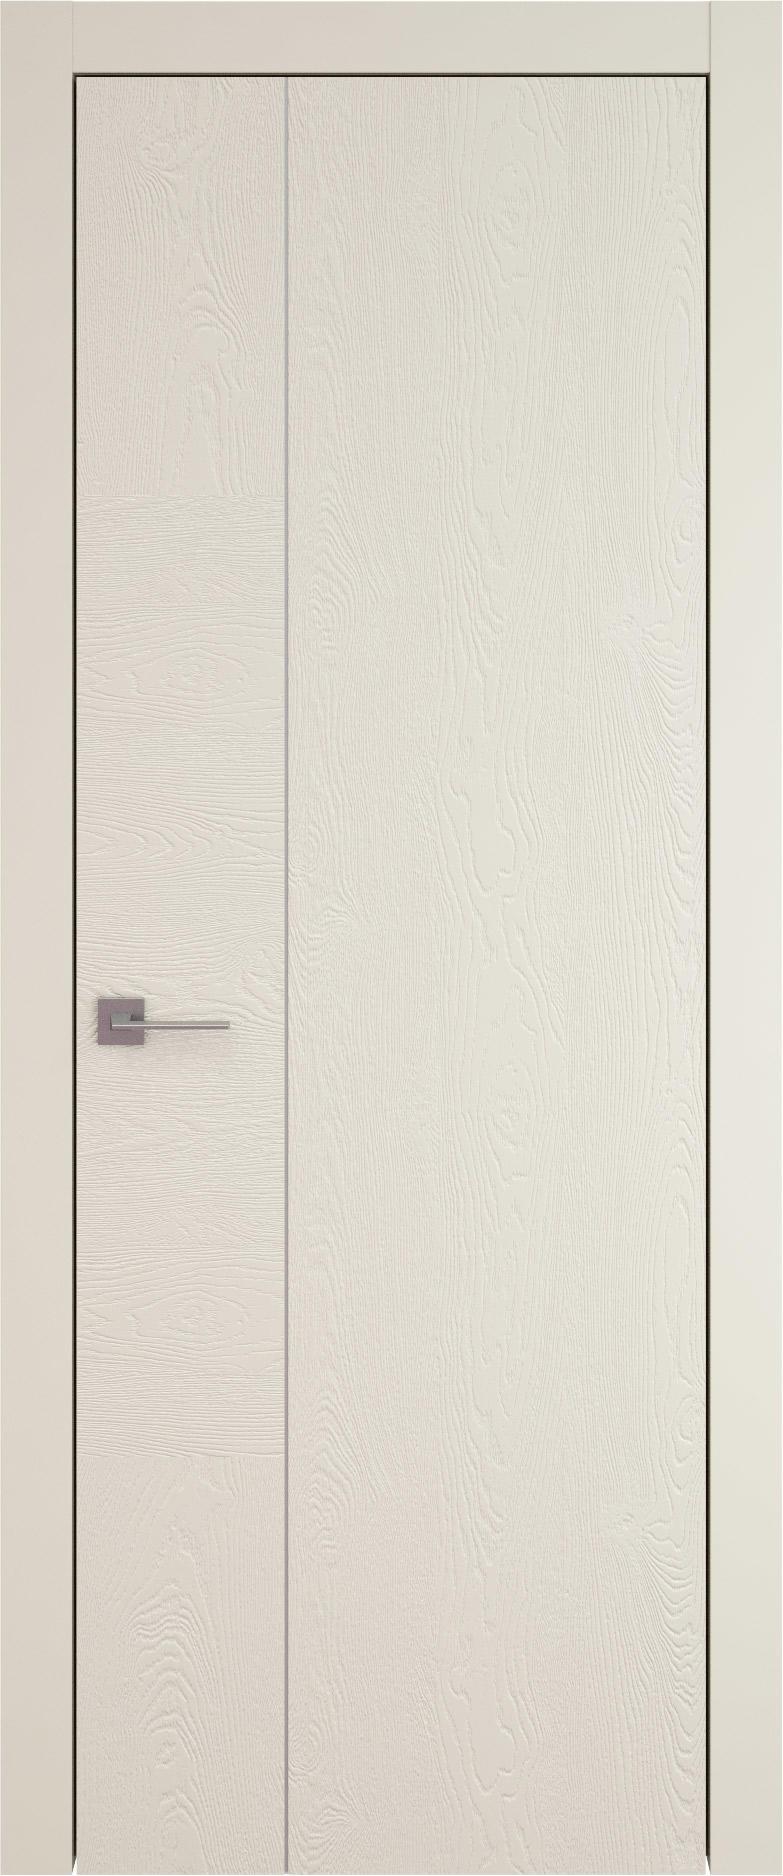 Tivoli В-1 цвет - Жемчужная эмаль по шпону (RAL 1013) Без стекла (ДГ)